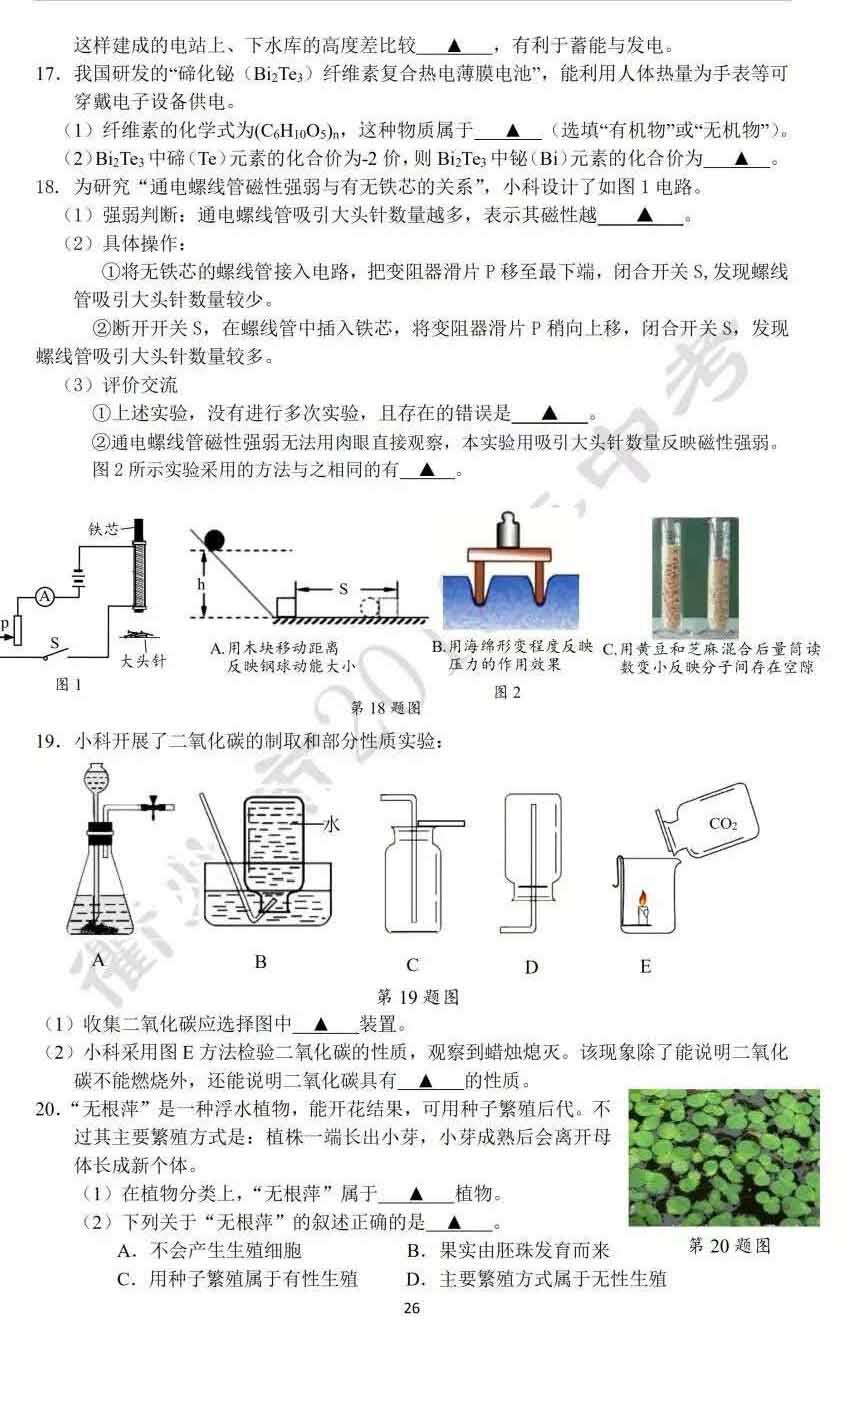 2019年浙江衢州中考《物理》真题及答案已公布